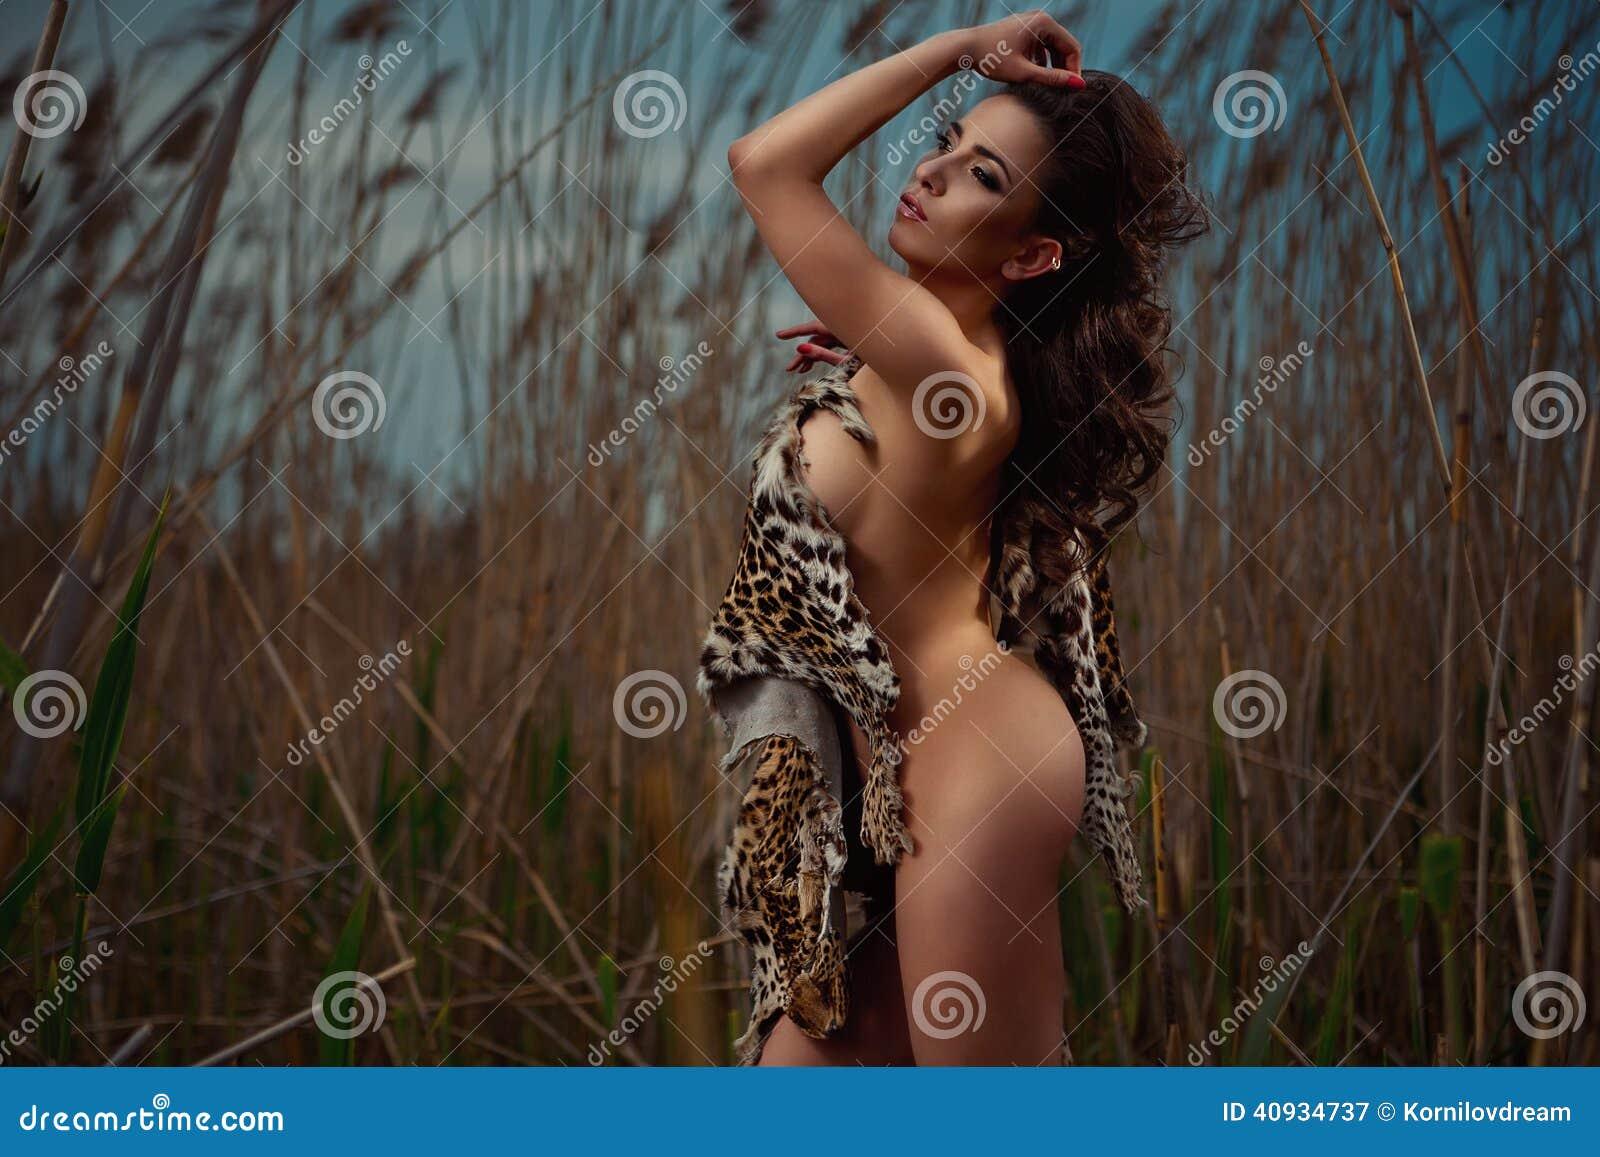 Amazone ivoirienne nue et super sexy  Porno black